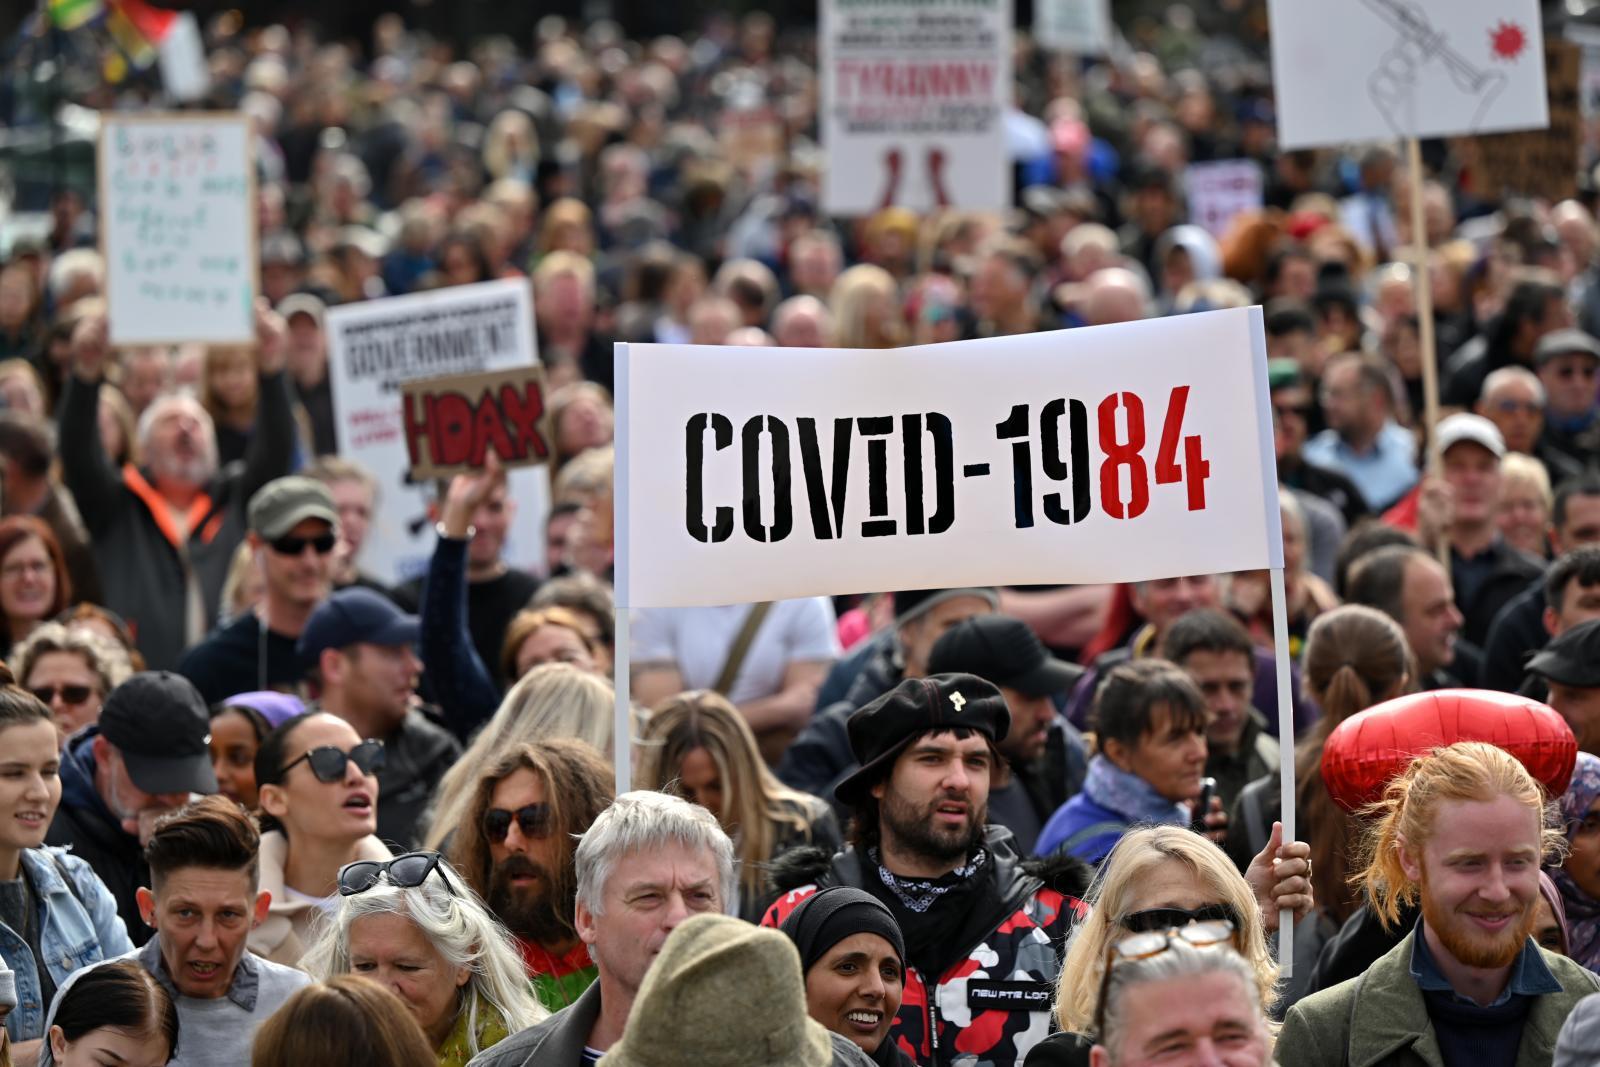 """ชาวอังกฤษหลายพันคนรวมตัว """"ประท้วงมาตรการป้องกันโควิด-19"""""""